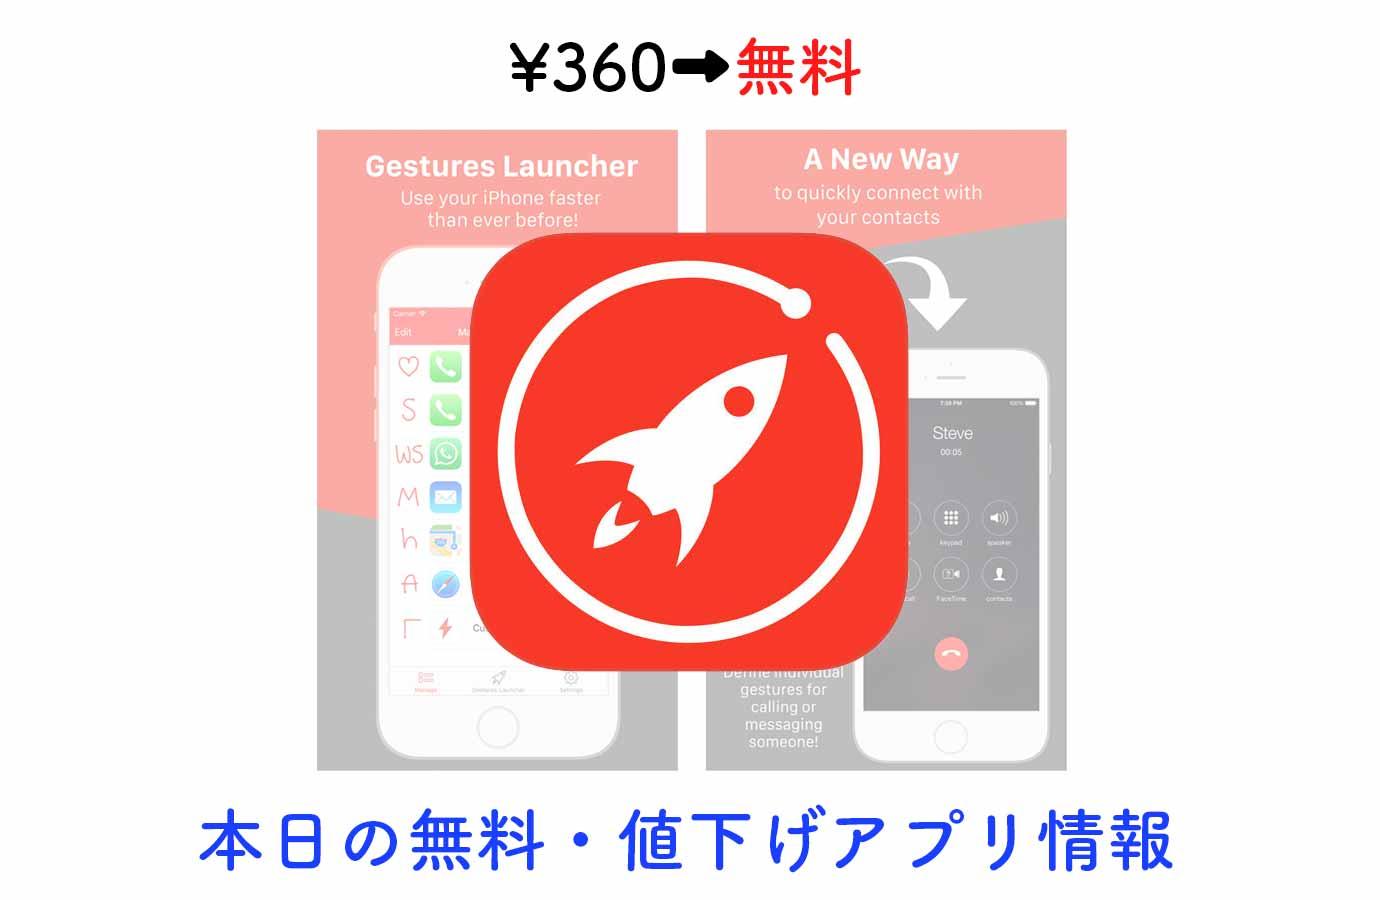 ¥360→無料、ジェスチャー操作でアプリを起動できる「Gestures Launcher」など【8/10】本日の無料・値下げアプリ情報